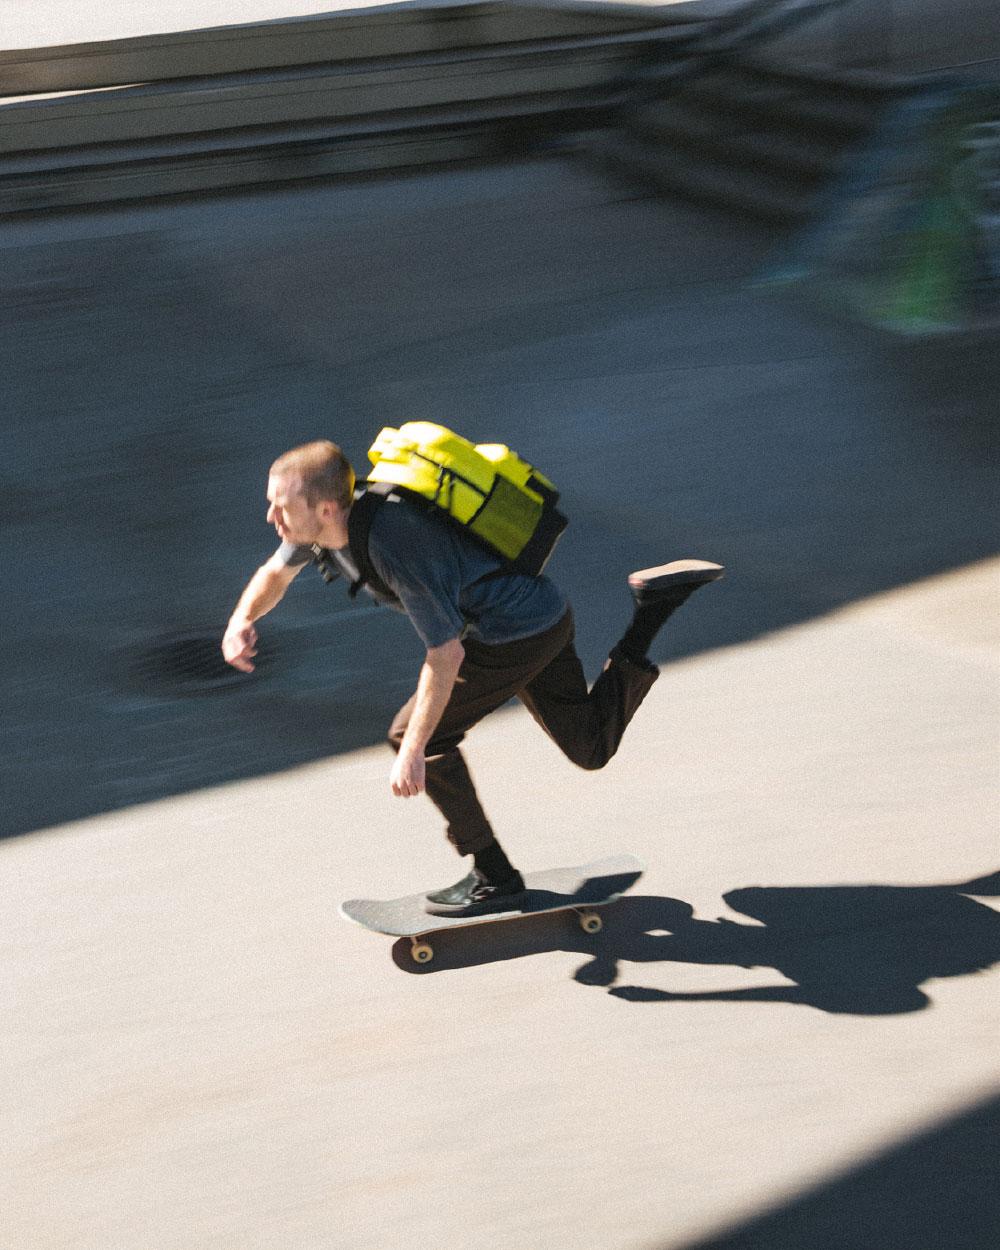 un homme en skateboard avec un sac à dos Miller isolant jaune sur